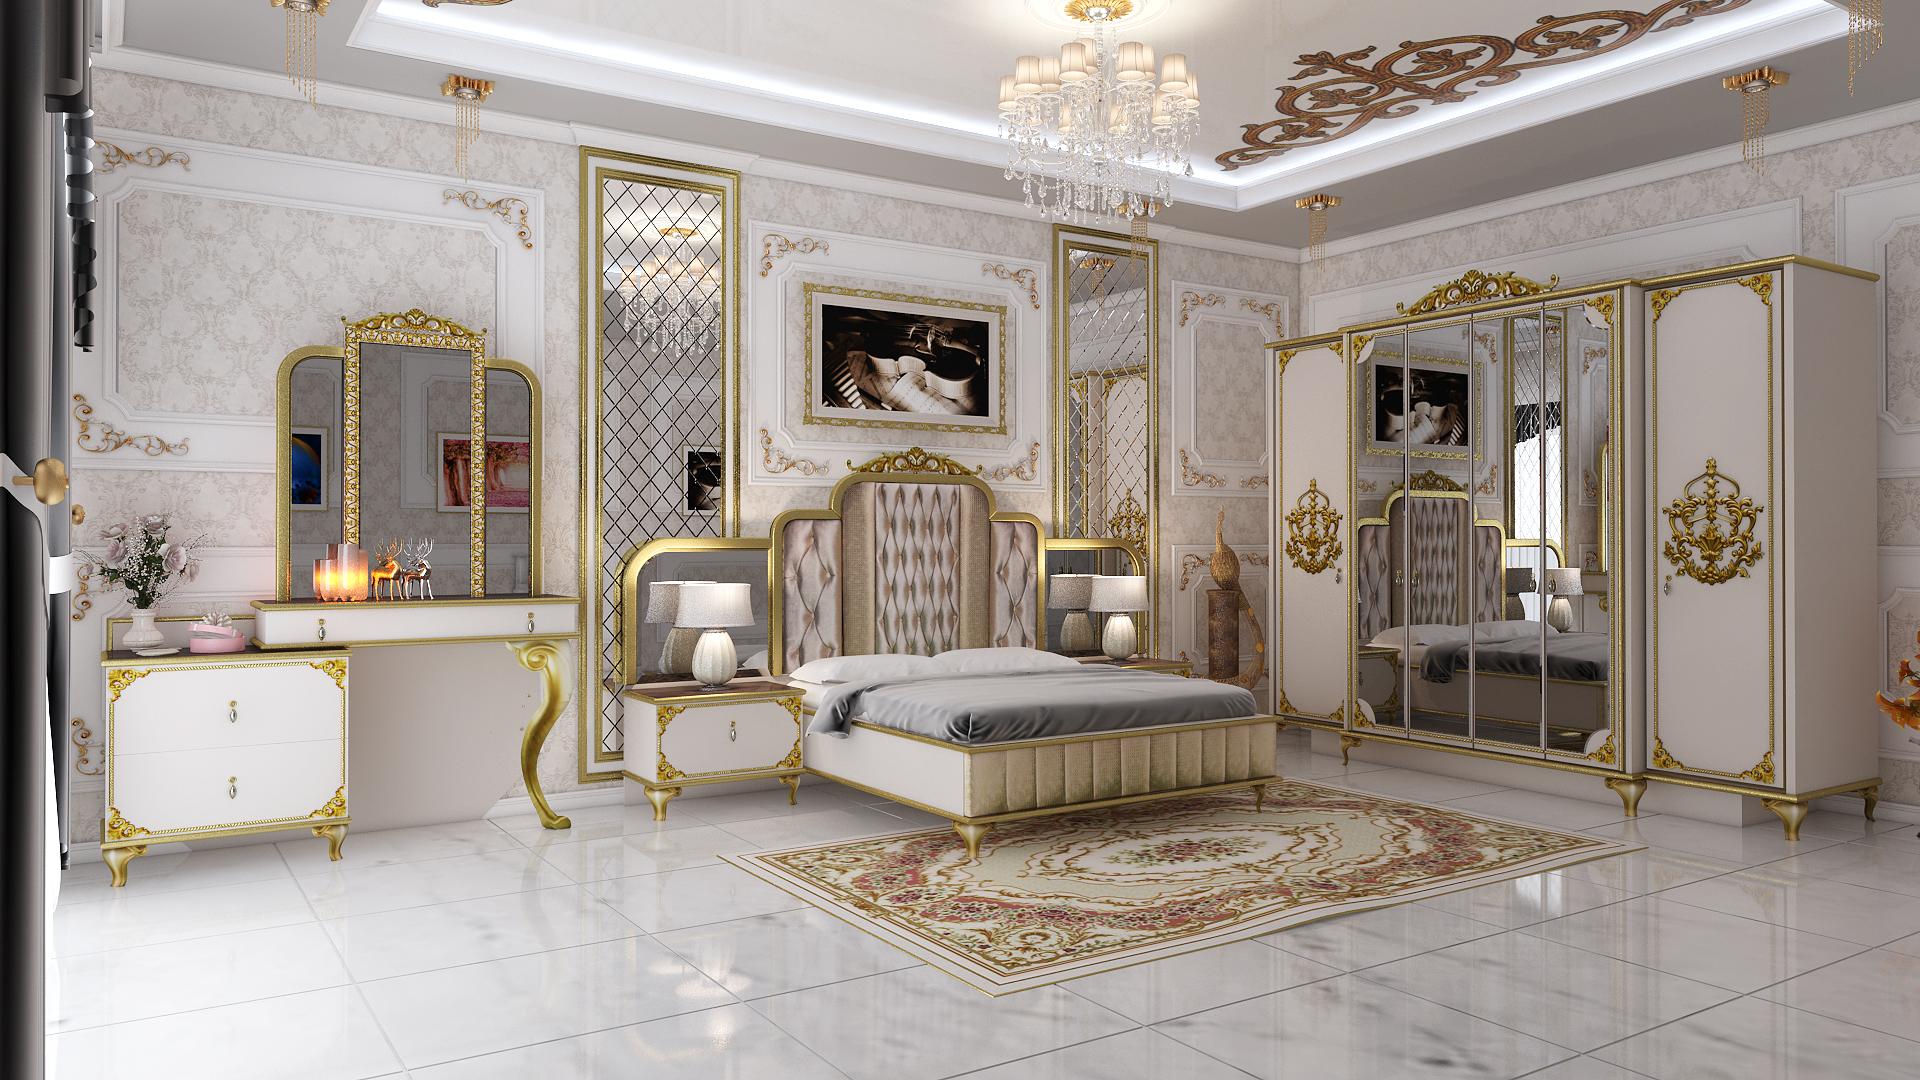 Bedroom interior design 3D model - TurboSquid 1493129